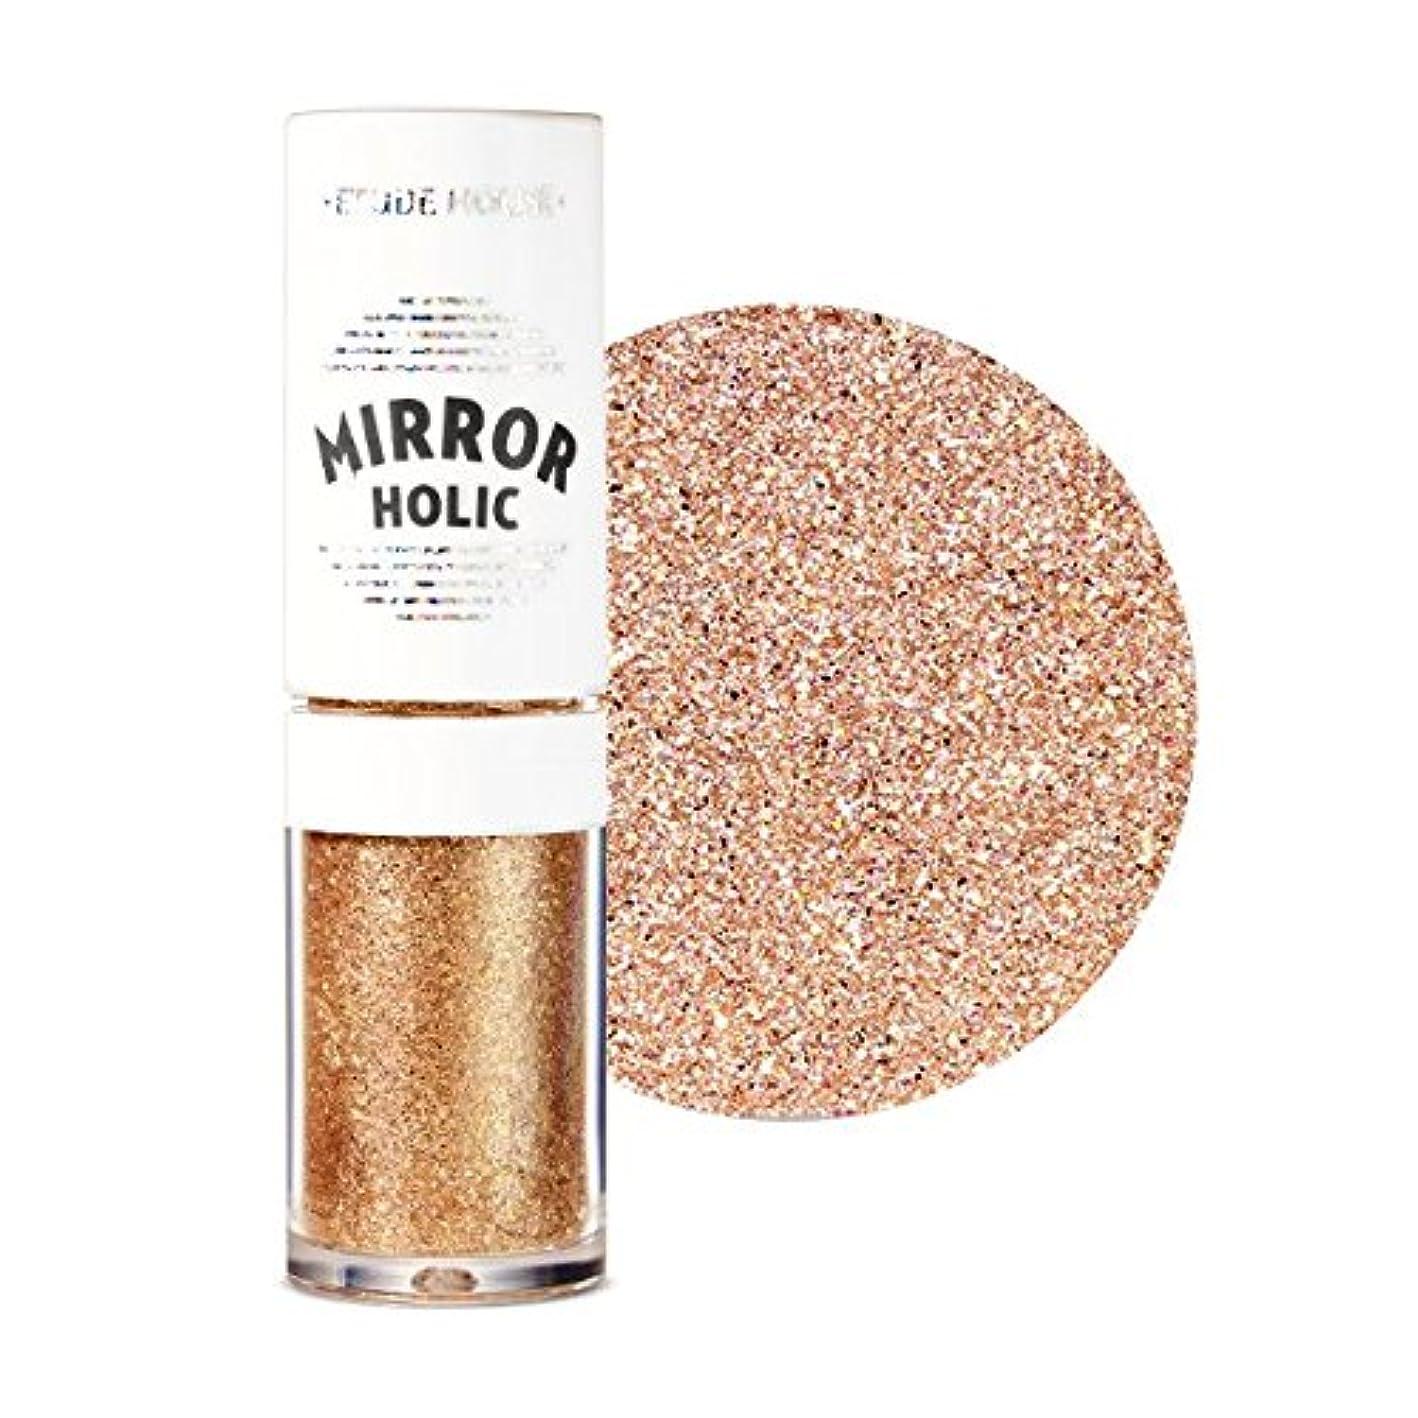 タンク関数スロットETUDE HOUSE Mirror Holic Liquid Eyes / エチュードハウス ミラーホリックリキッドアイズ ミラーホリックリキッドアイズ (BE101) [並行輸入品]